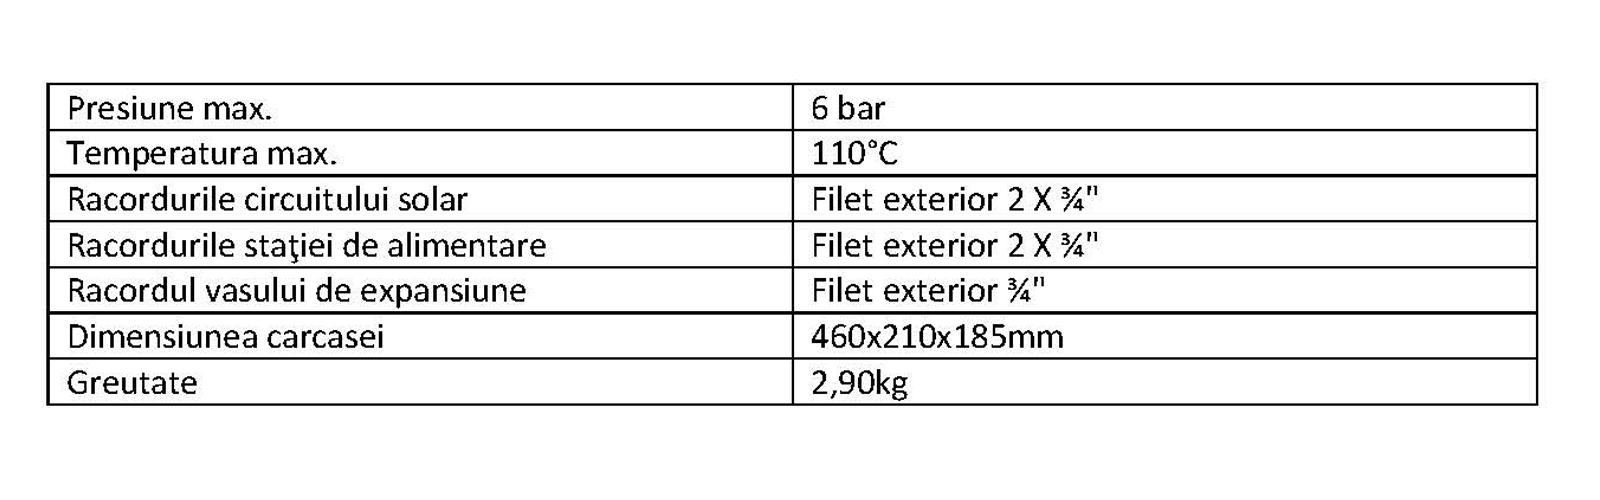 parametri tehnici